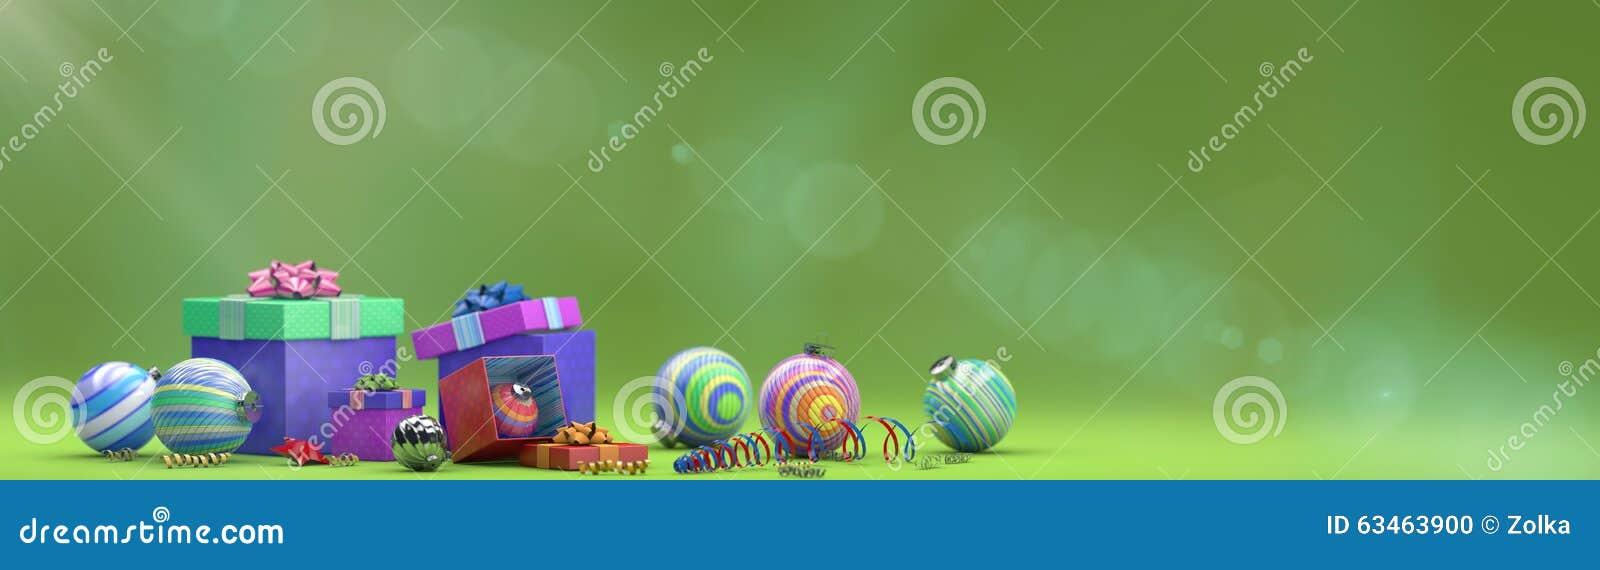 Composizione in festa con la decorazione del giocattolo con la scatola magica